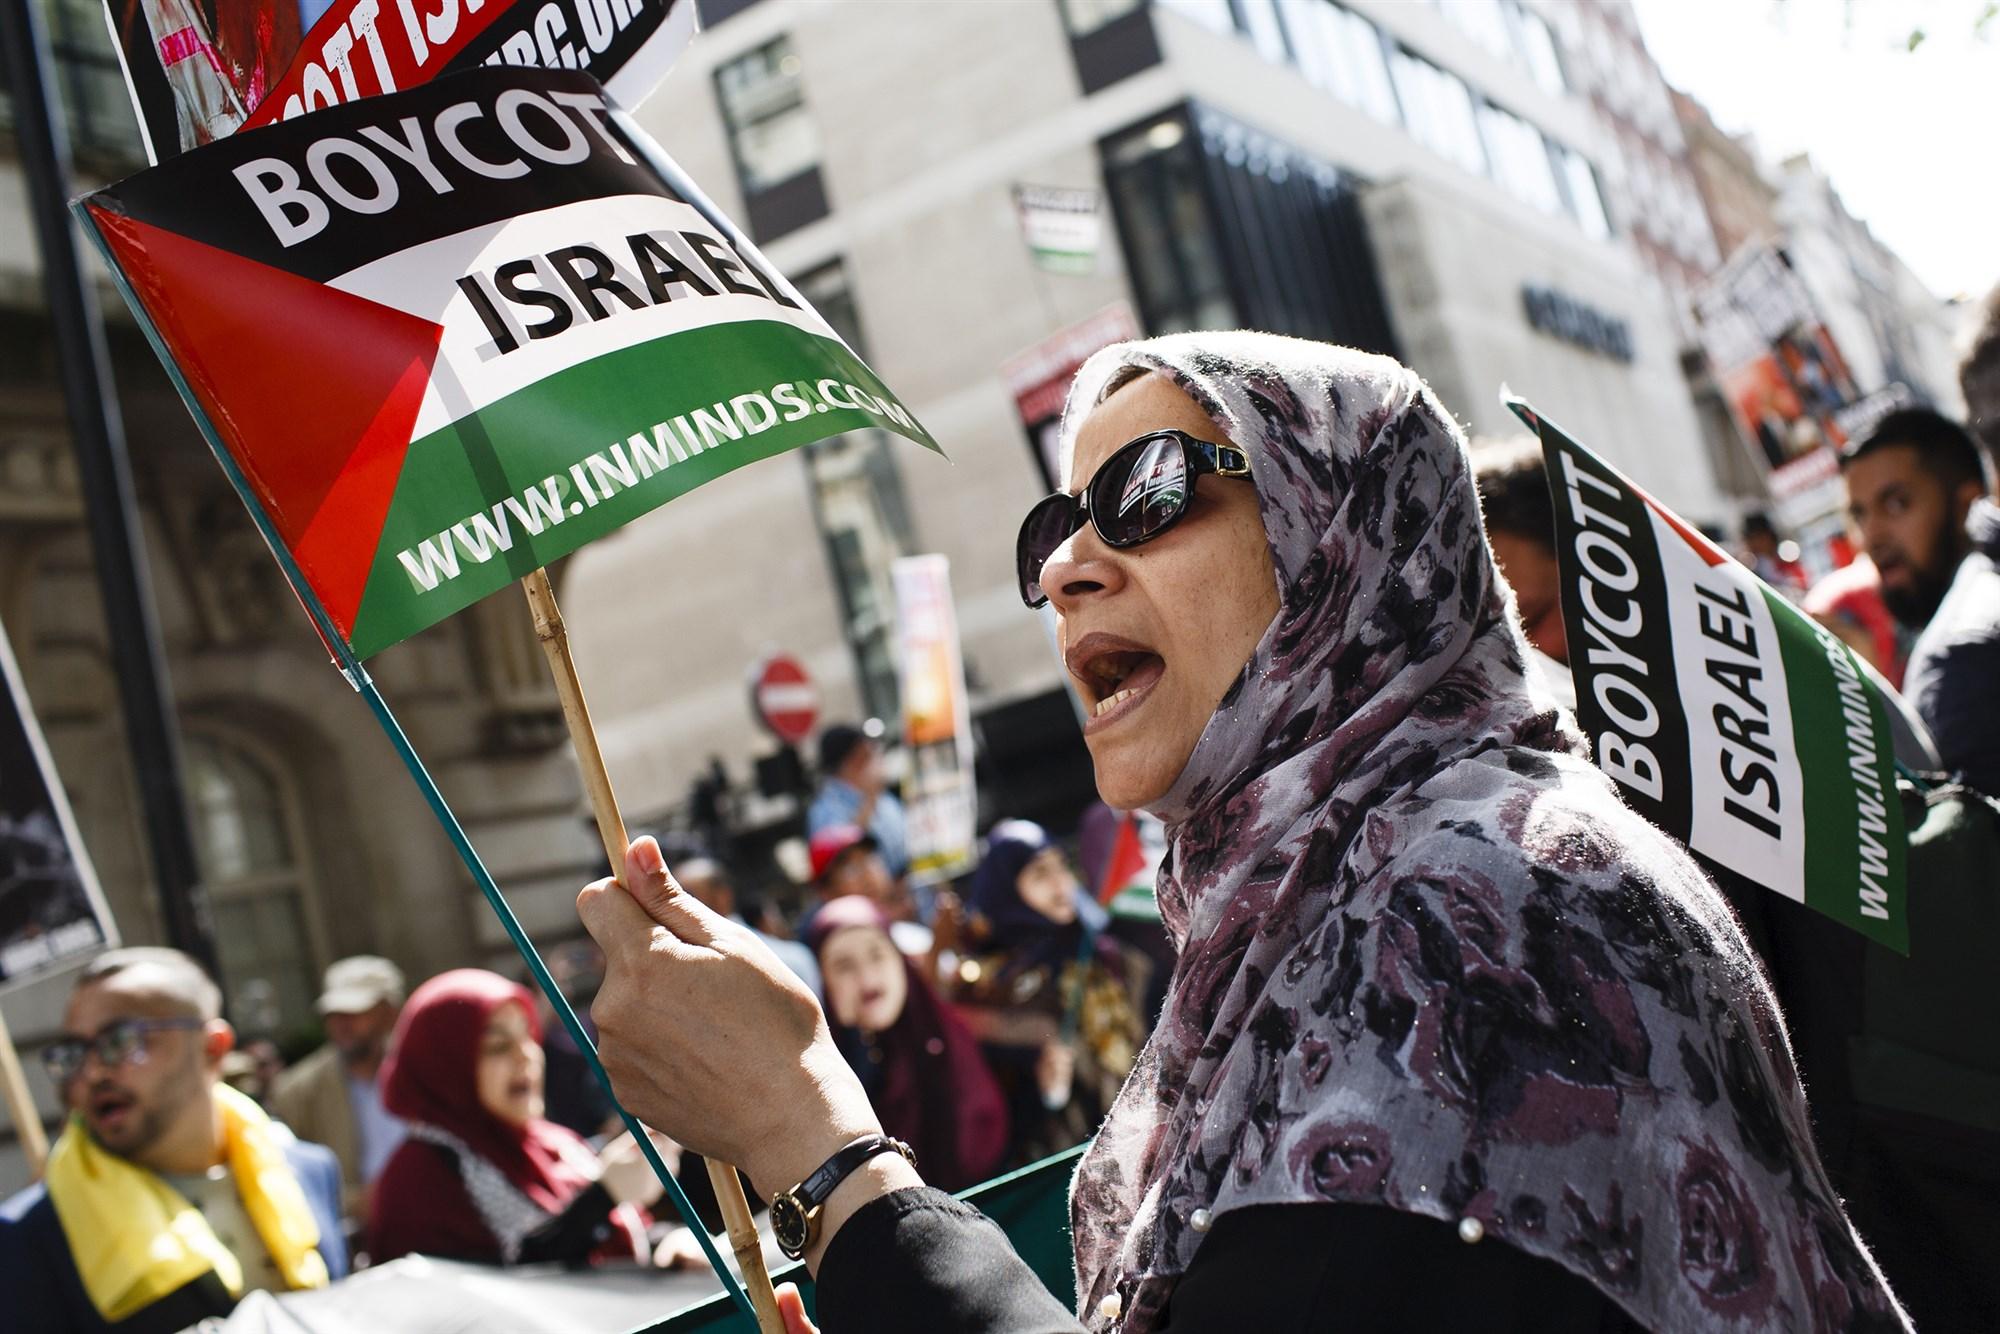 الحزب الديمقراطي الجديد في كندا يصوت لصالح فلسطين ومقاطعة الاحتلال